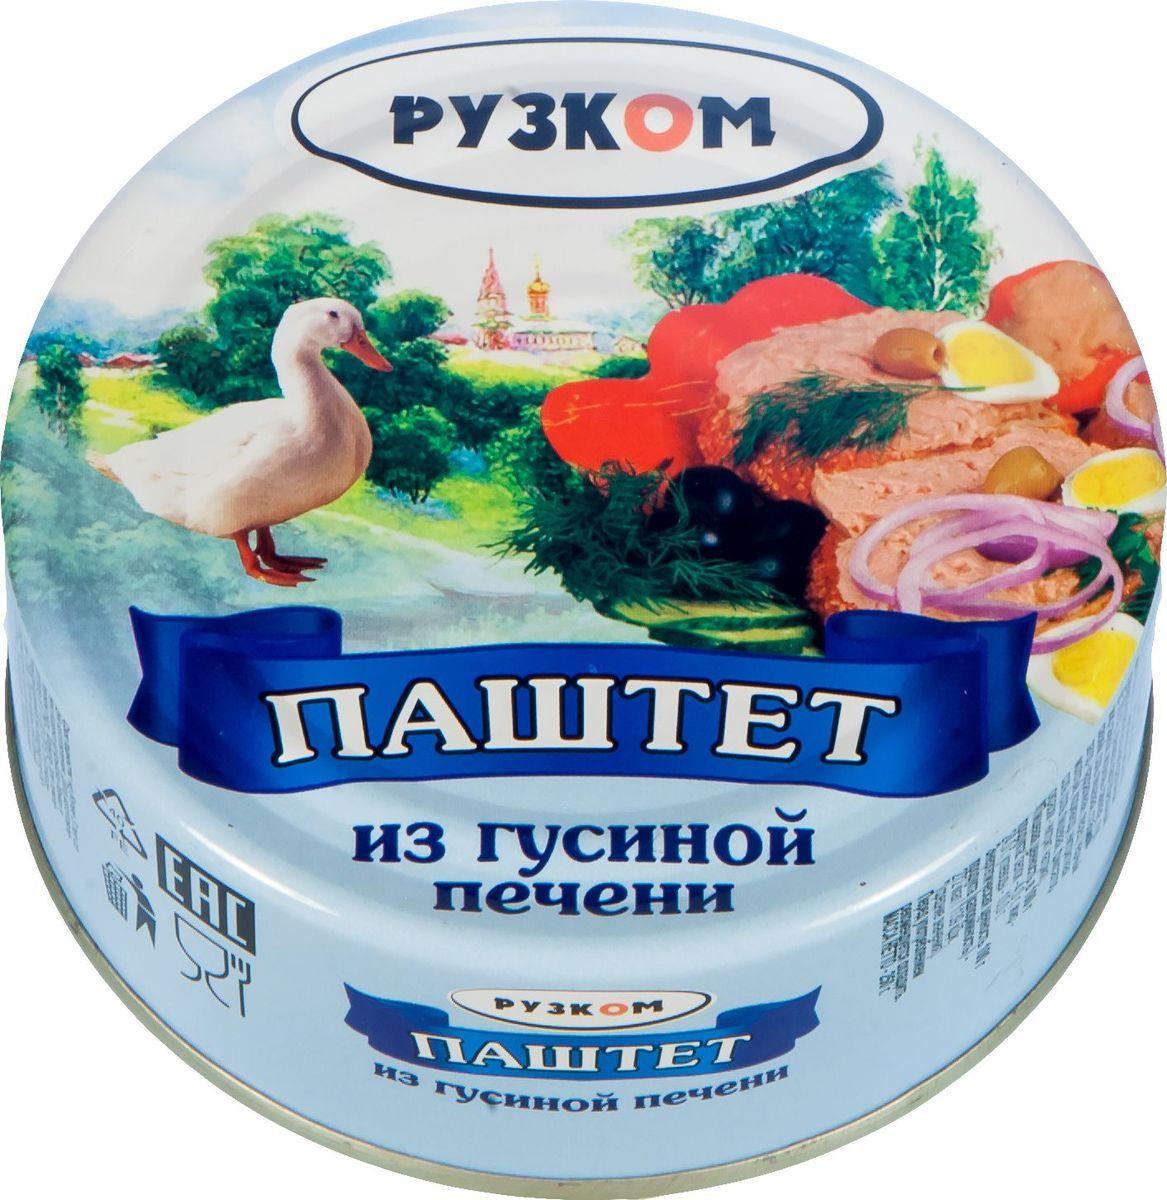 Рузком паштет из гусиной печени литография, 250 г4606411010155Паштет из гусиной печени. Продукт готов к употреблению.